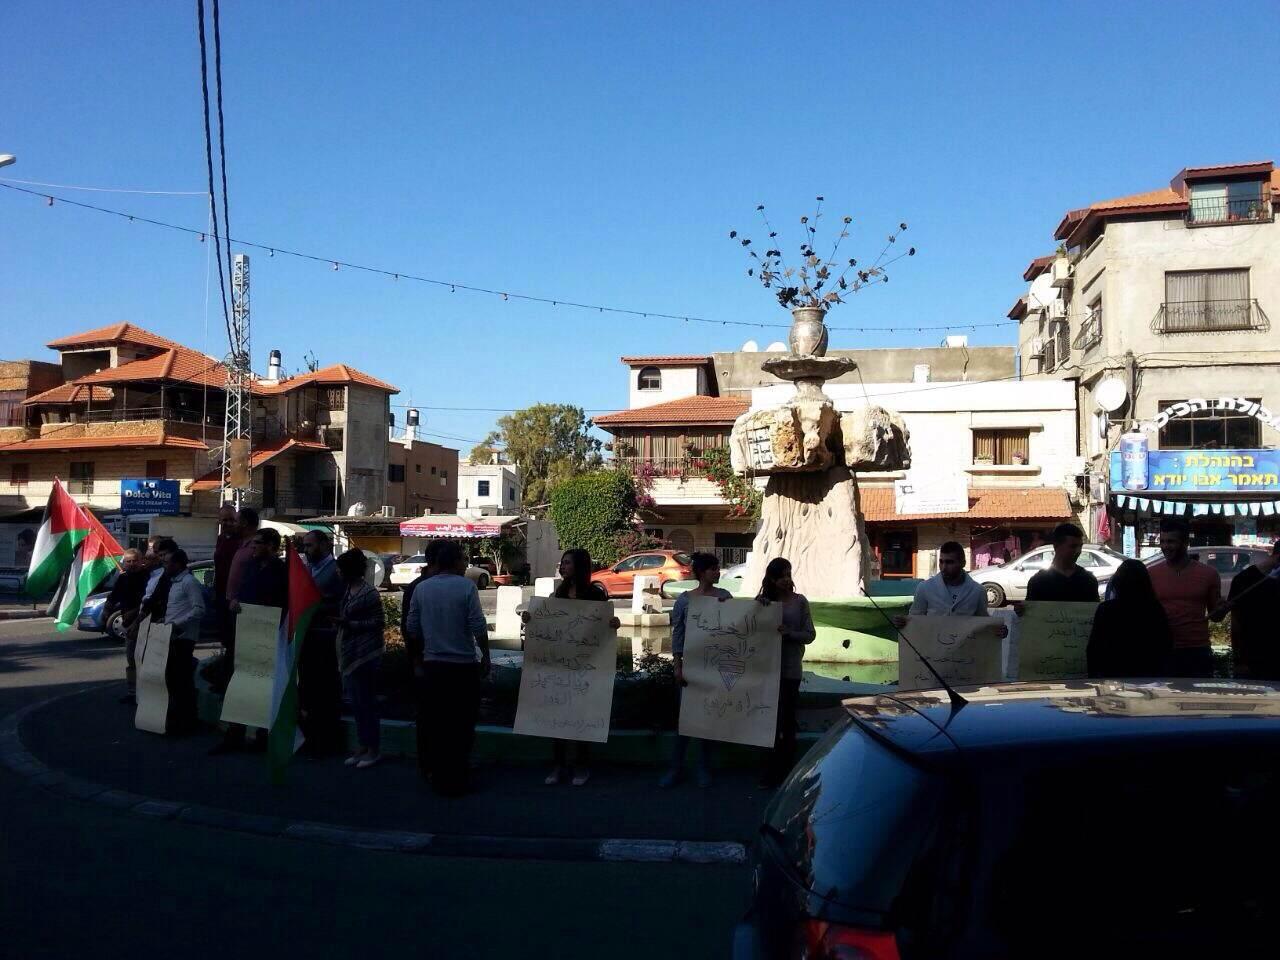 سخنين: مظاهرة غضب احتجاجا على جريمة إعدام خير حمدان